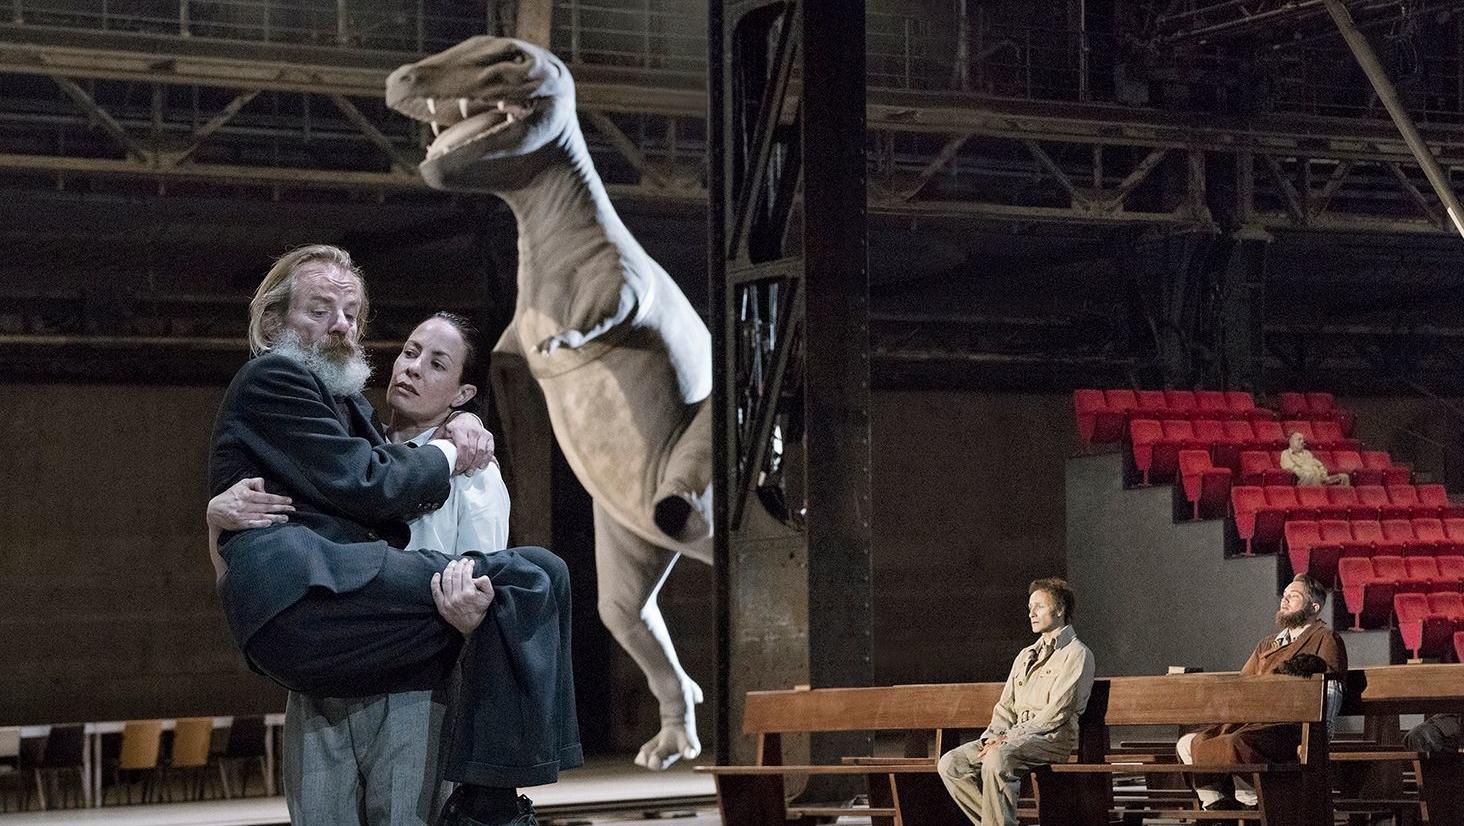 In der Bochumer Jahrhunderthalle stapft ein amputierter Dinosaurier durchs Revier